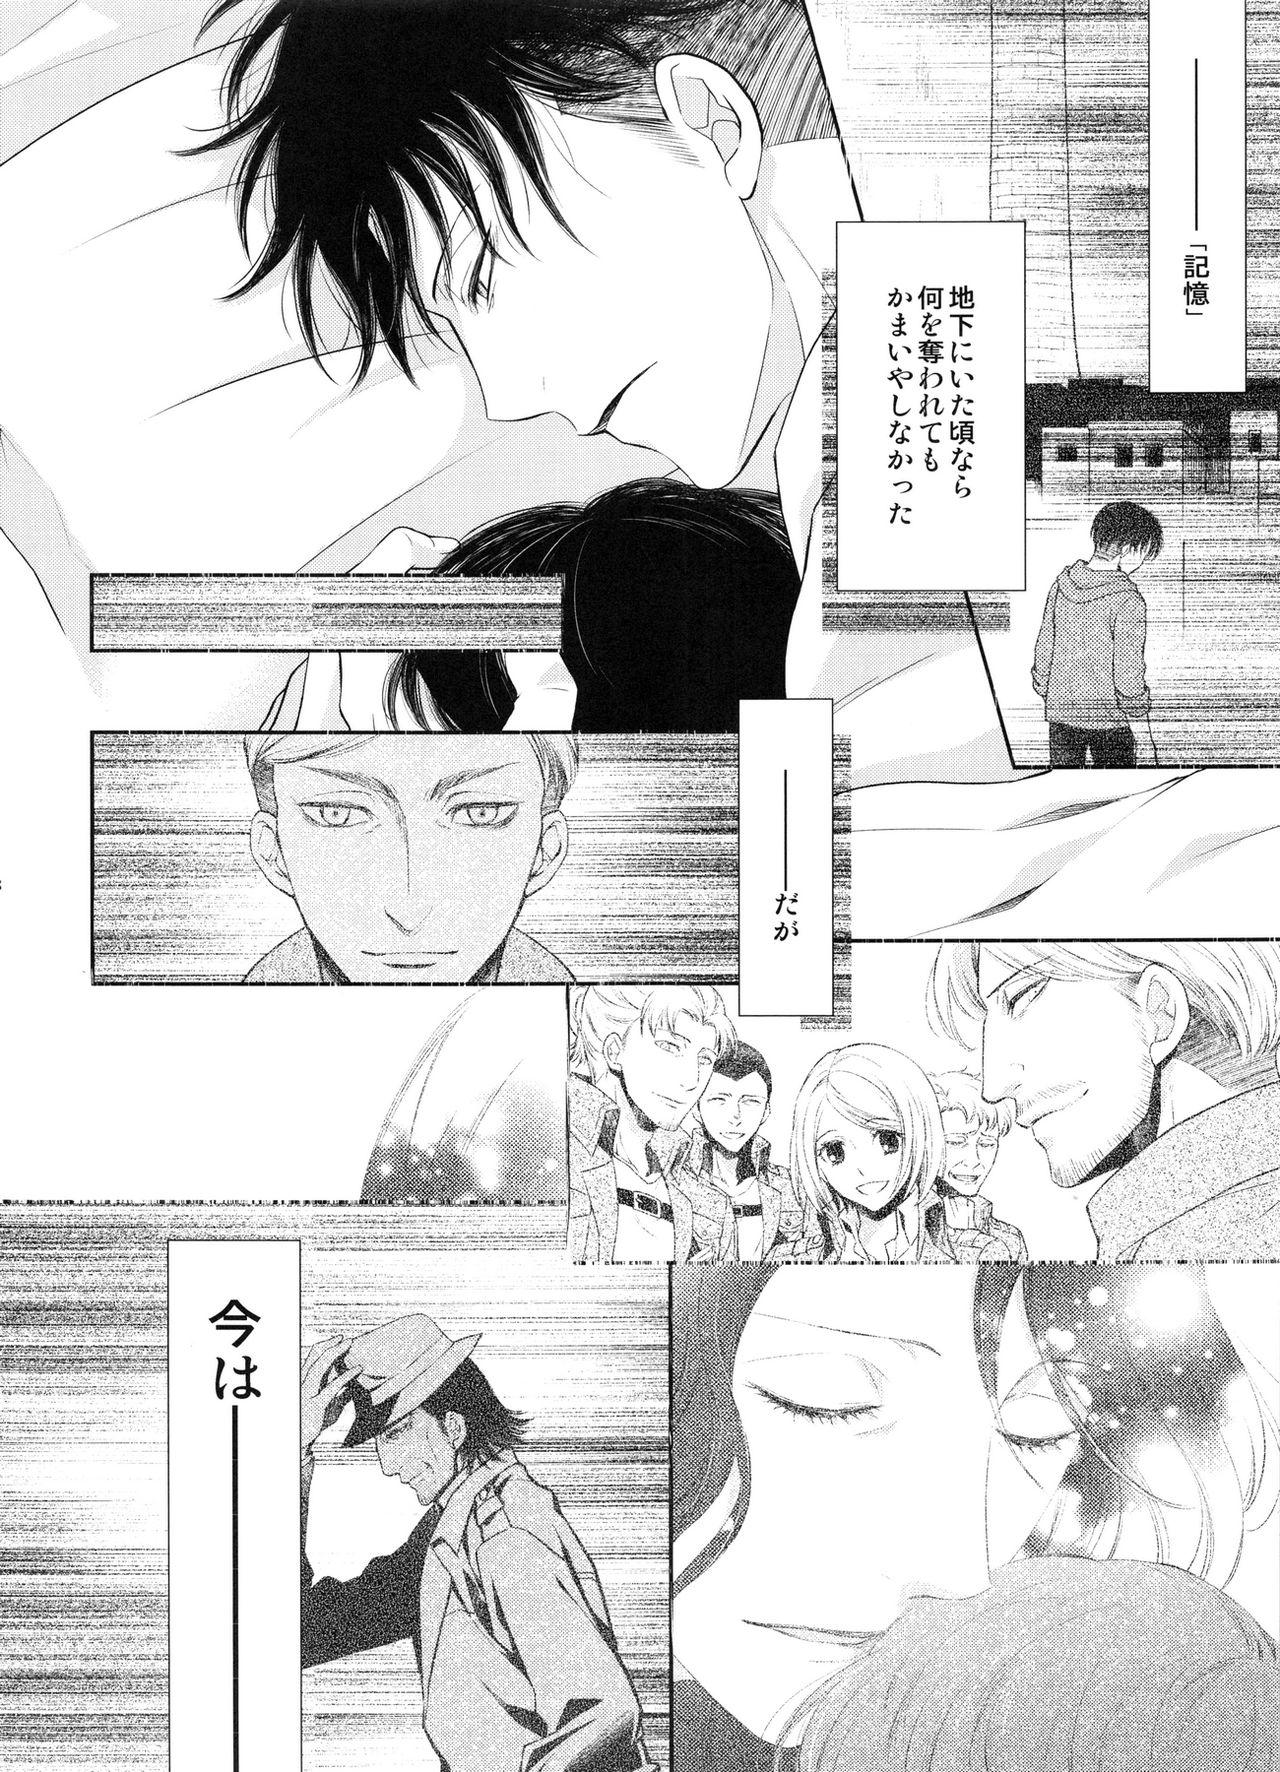 Meguri Meguri Soshite Mata Hana wa Saku 47